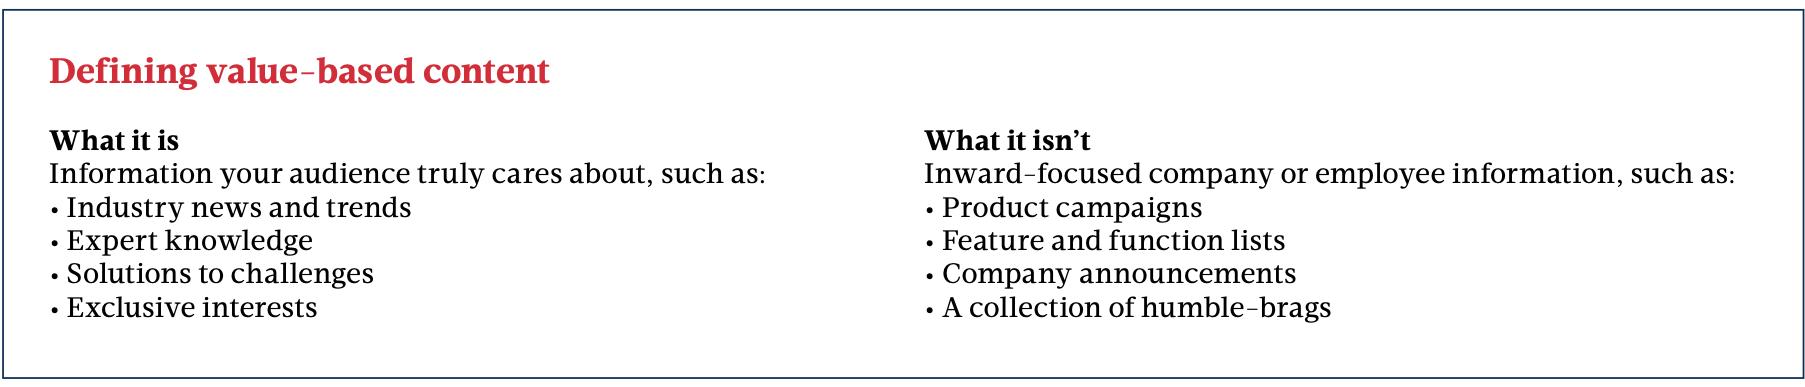 Value-drven content definition